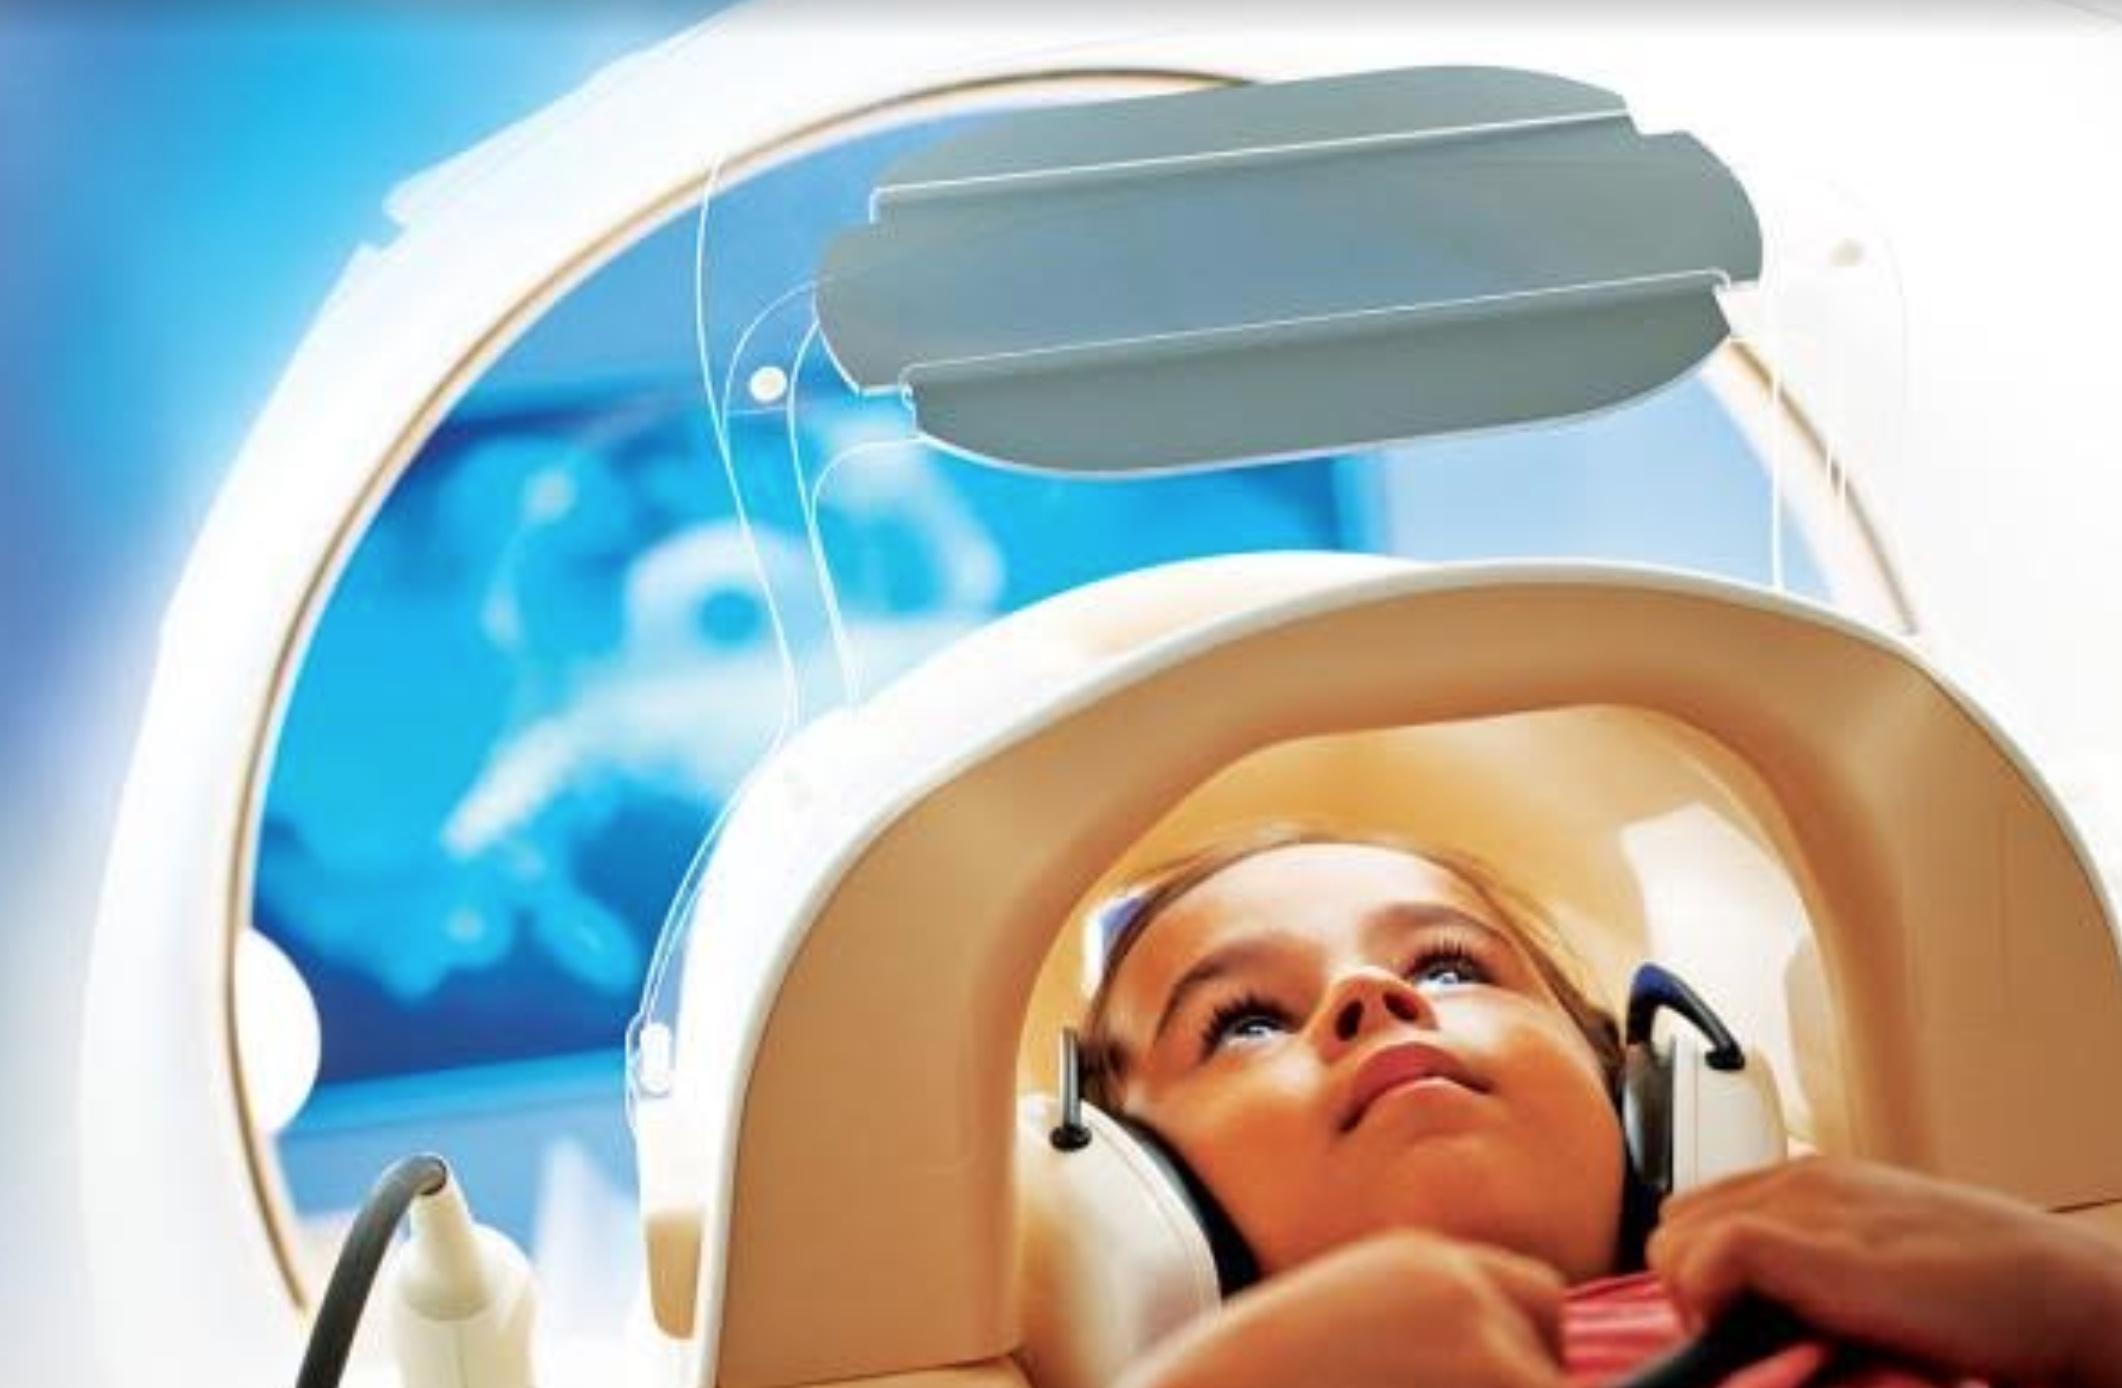 Kid in MRI